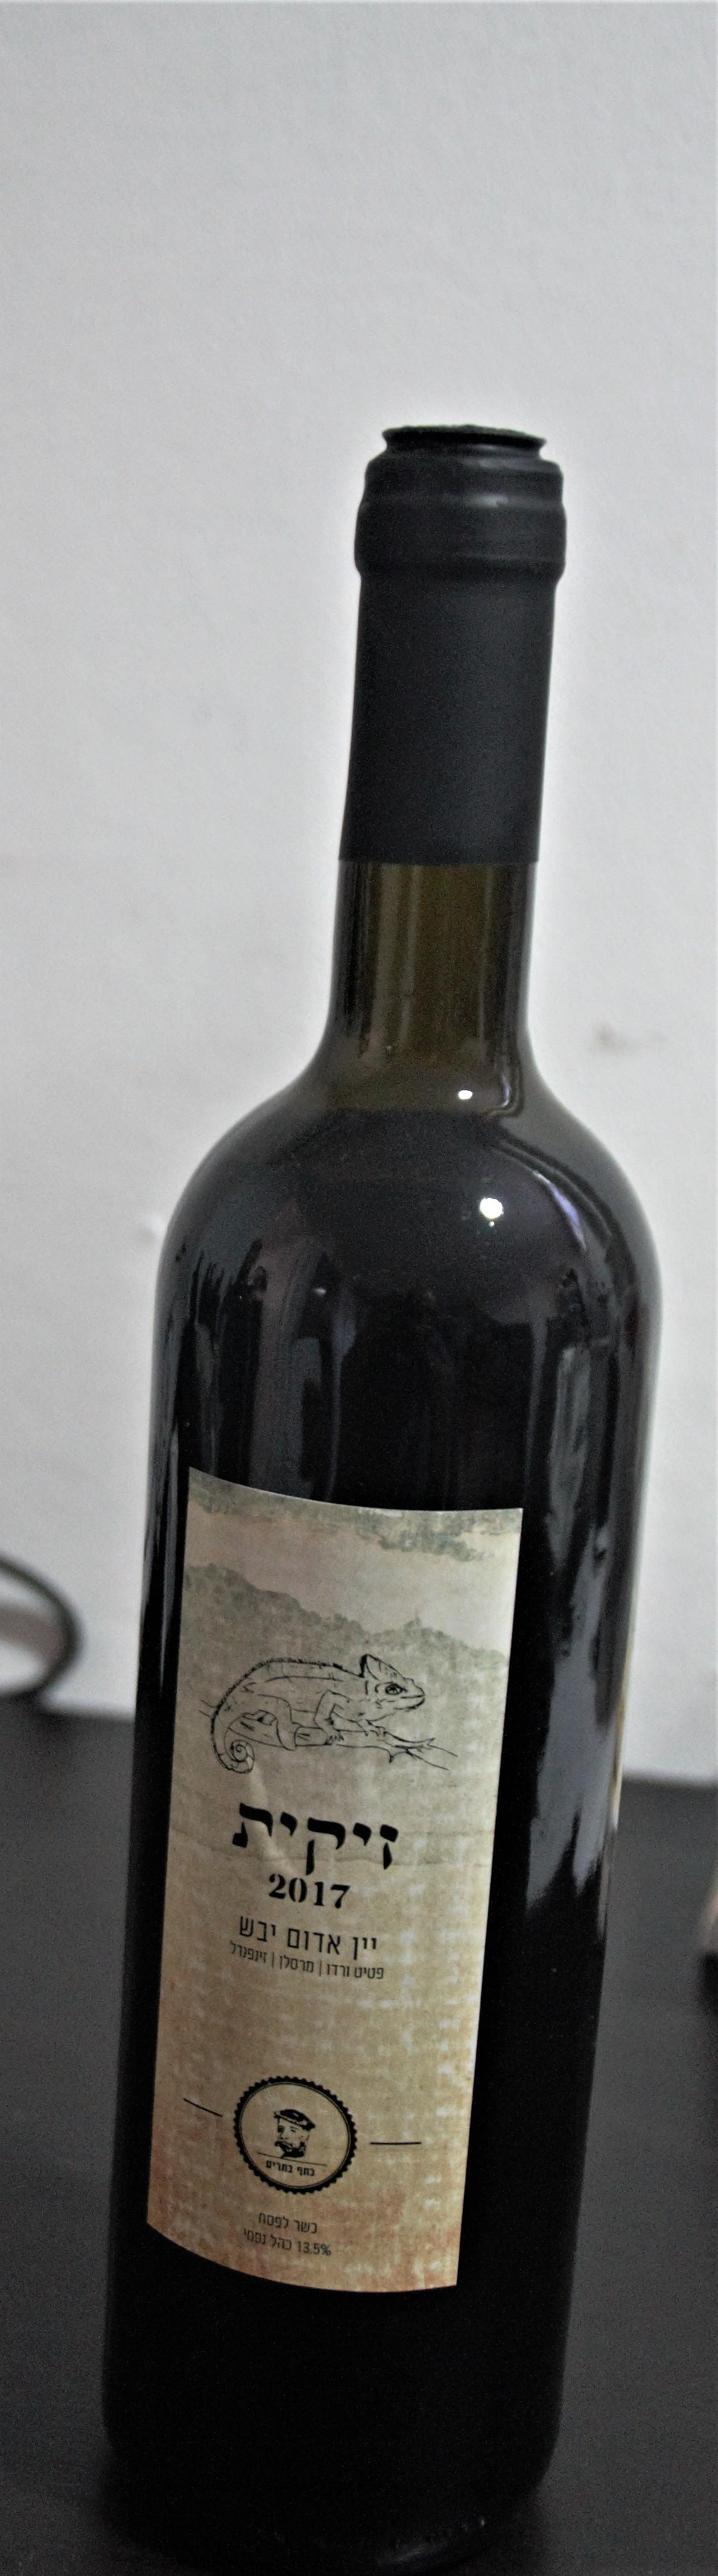 זיקית   - יין  אדום יבש   משובח